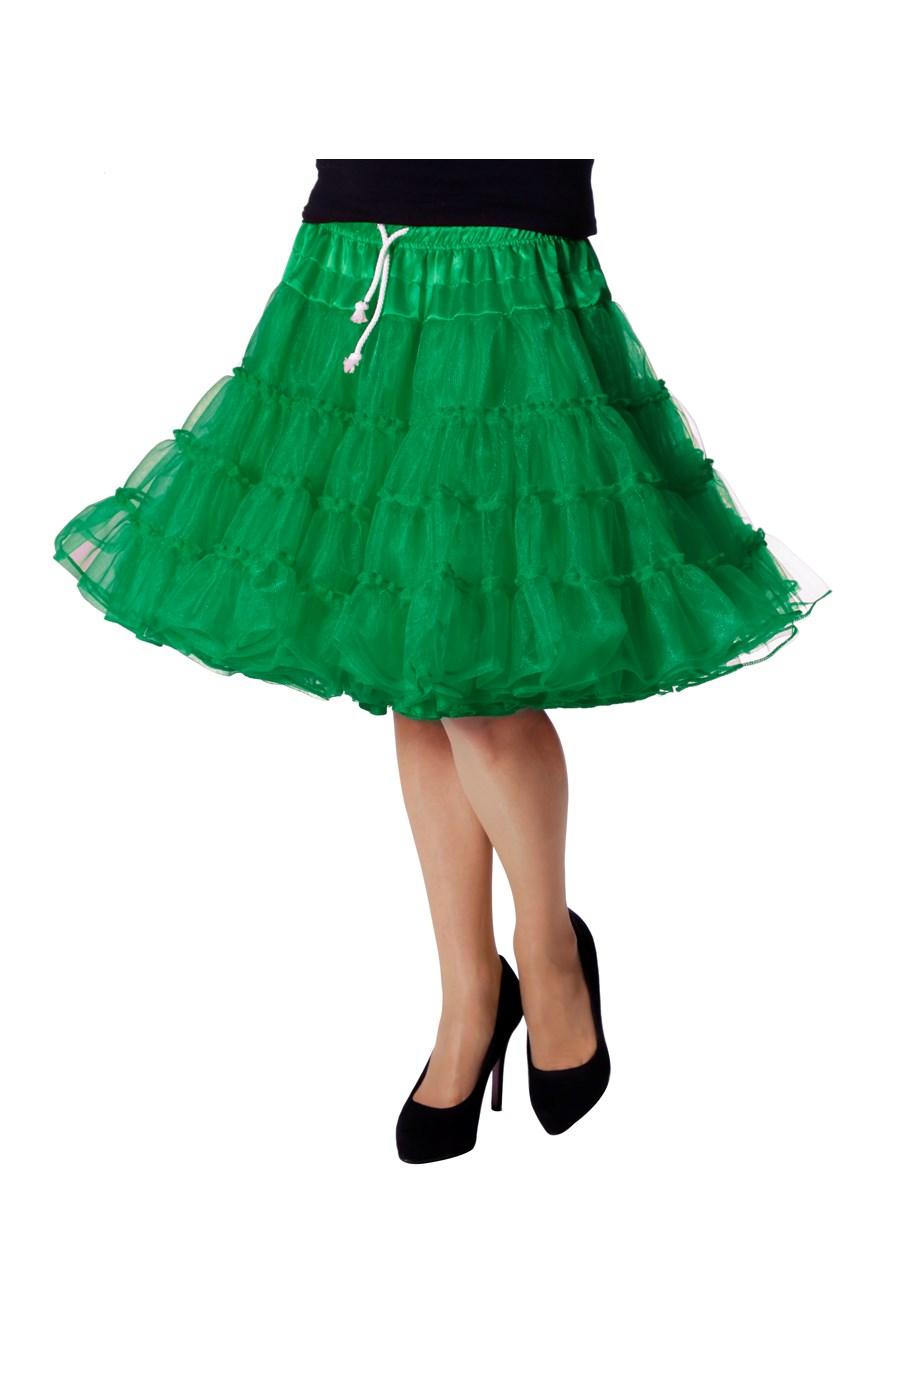 Petticoat luxe groen-0